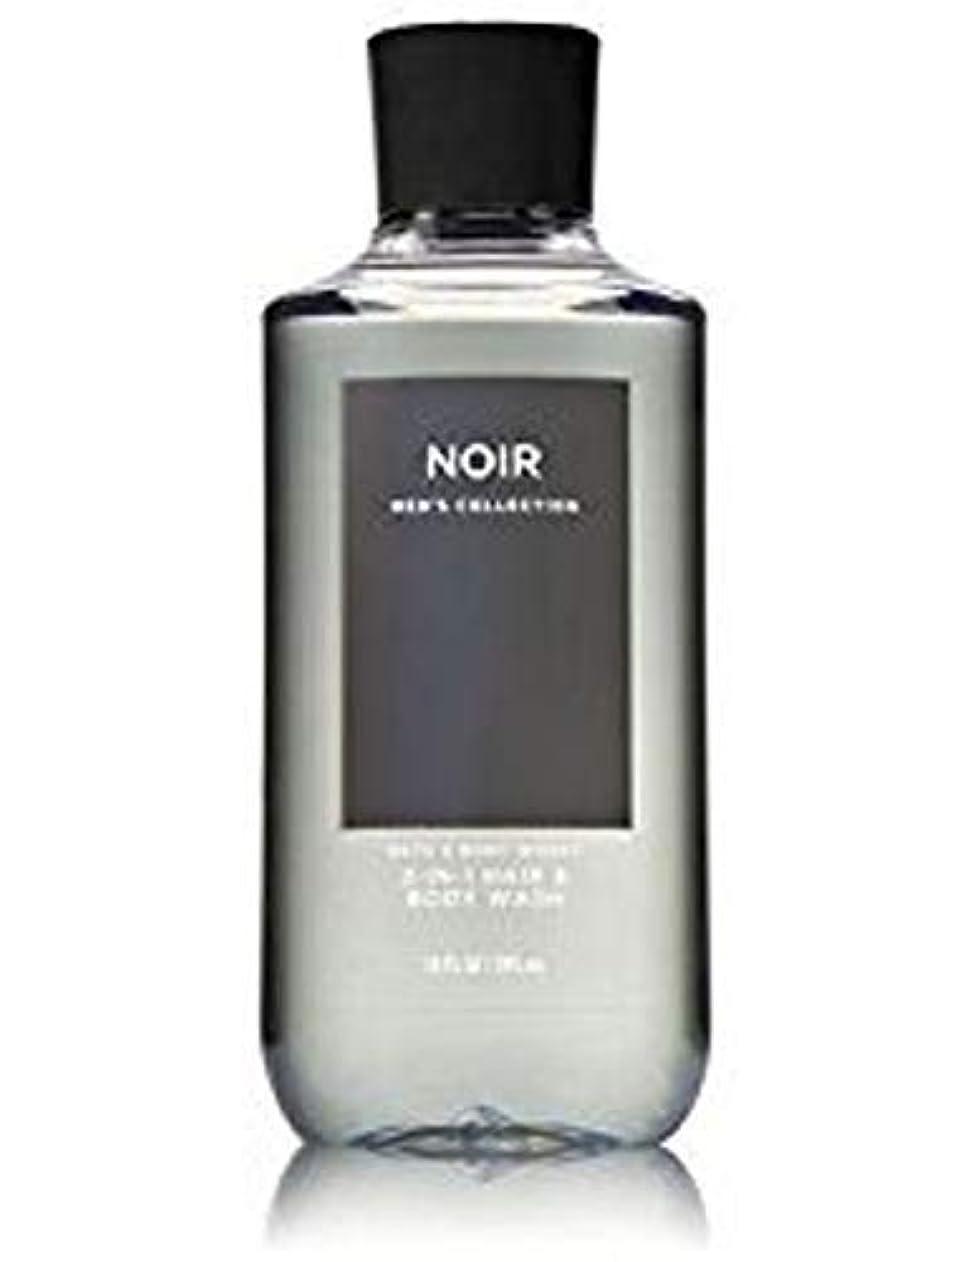 全能誓うバーガー【並行輸入品】Bath & Body Works Noir 2-in-1 Hair + Body Wash 295 mL